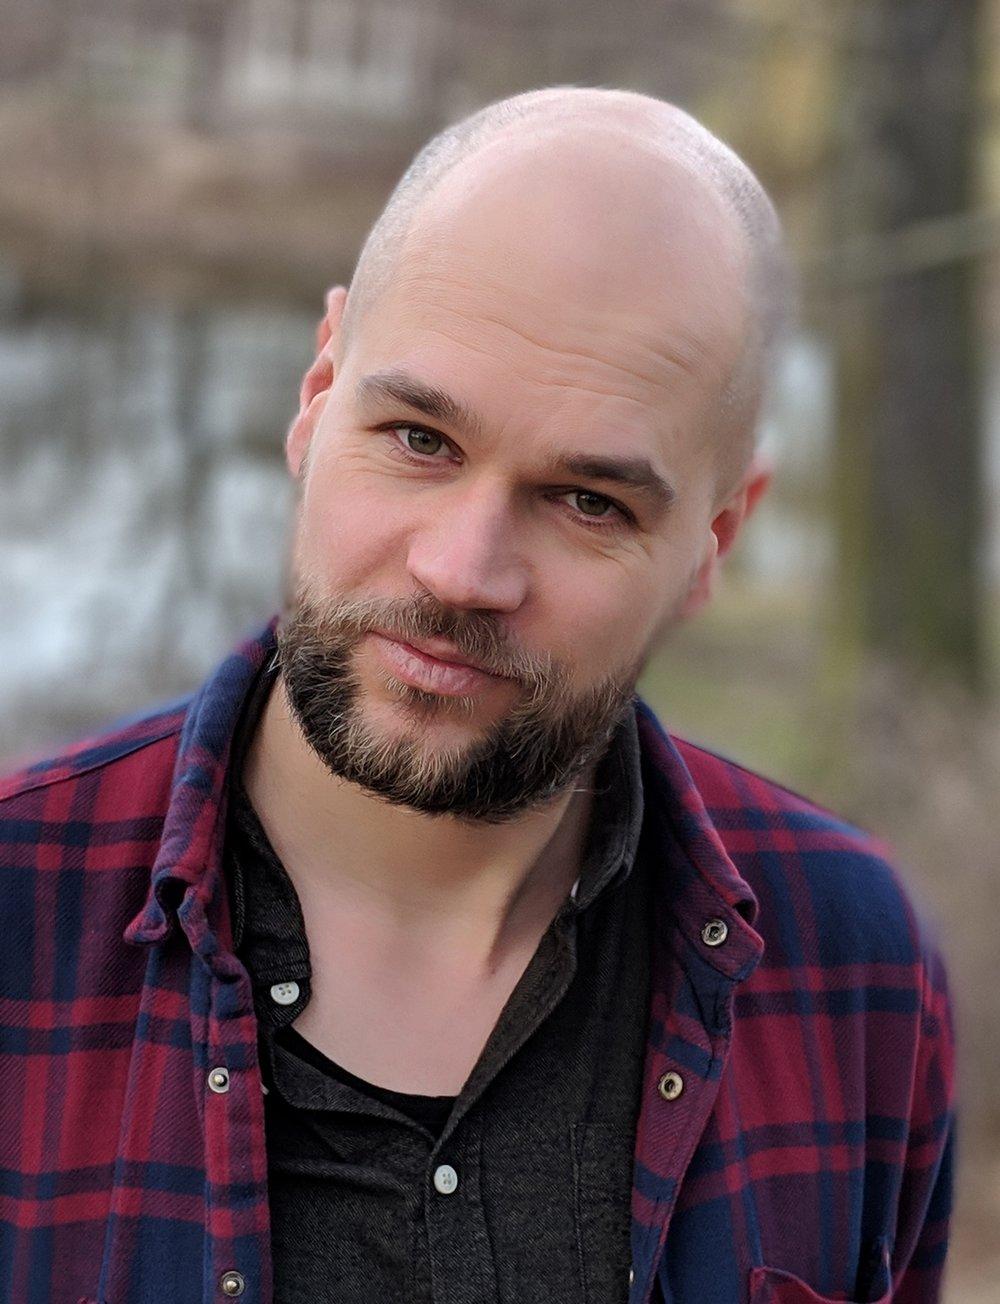 Christoph May ist Toxikologe für Männlichkeit. Er beschäftigt sich kritisch und pro-feministisch mit dem Thema Männlichkeit, arbeitet im offenen Netzwerk  detoxmasculinity.net  und bloggt auf  mensstudies.eu .